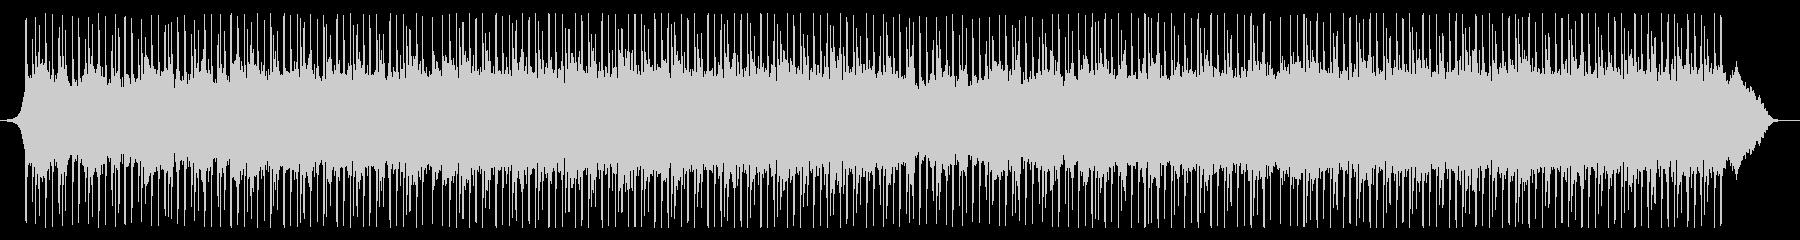 シンセ無しver 鉄琴 Historyの未再生の波形